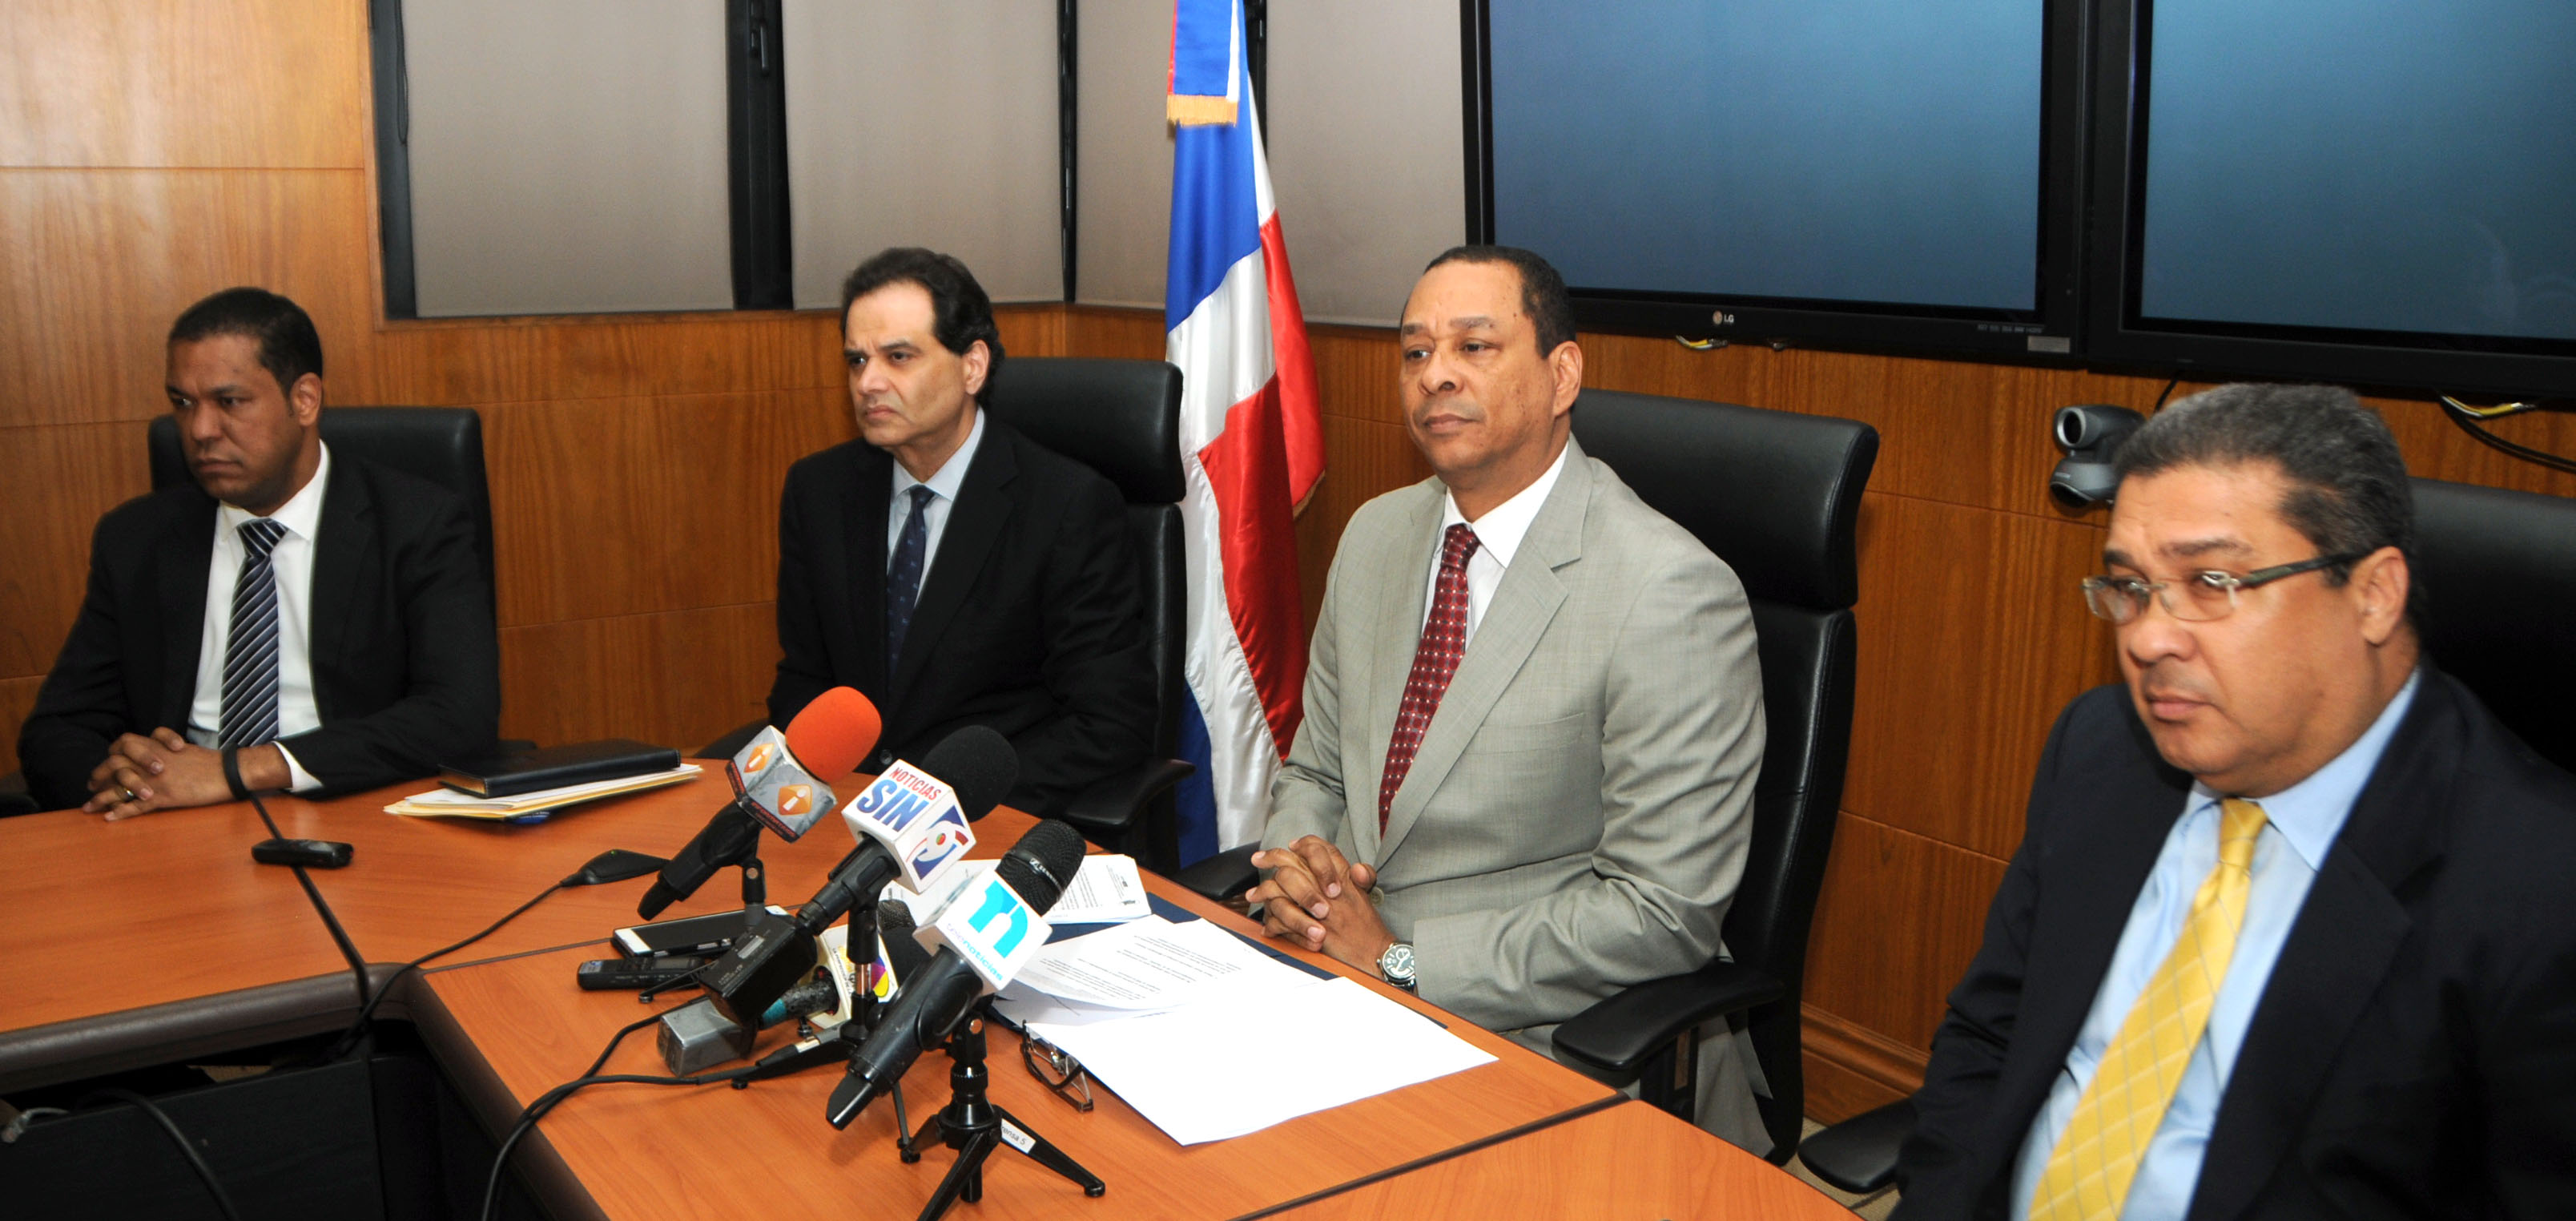 Superintendencia de Bancos aclara ha manejado situación Banco Peravia con total transparencia